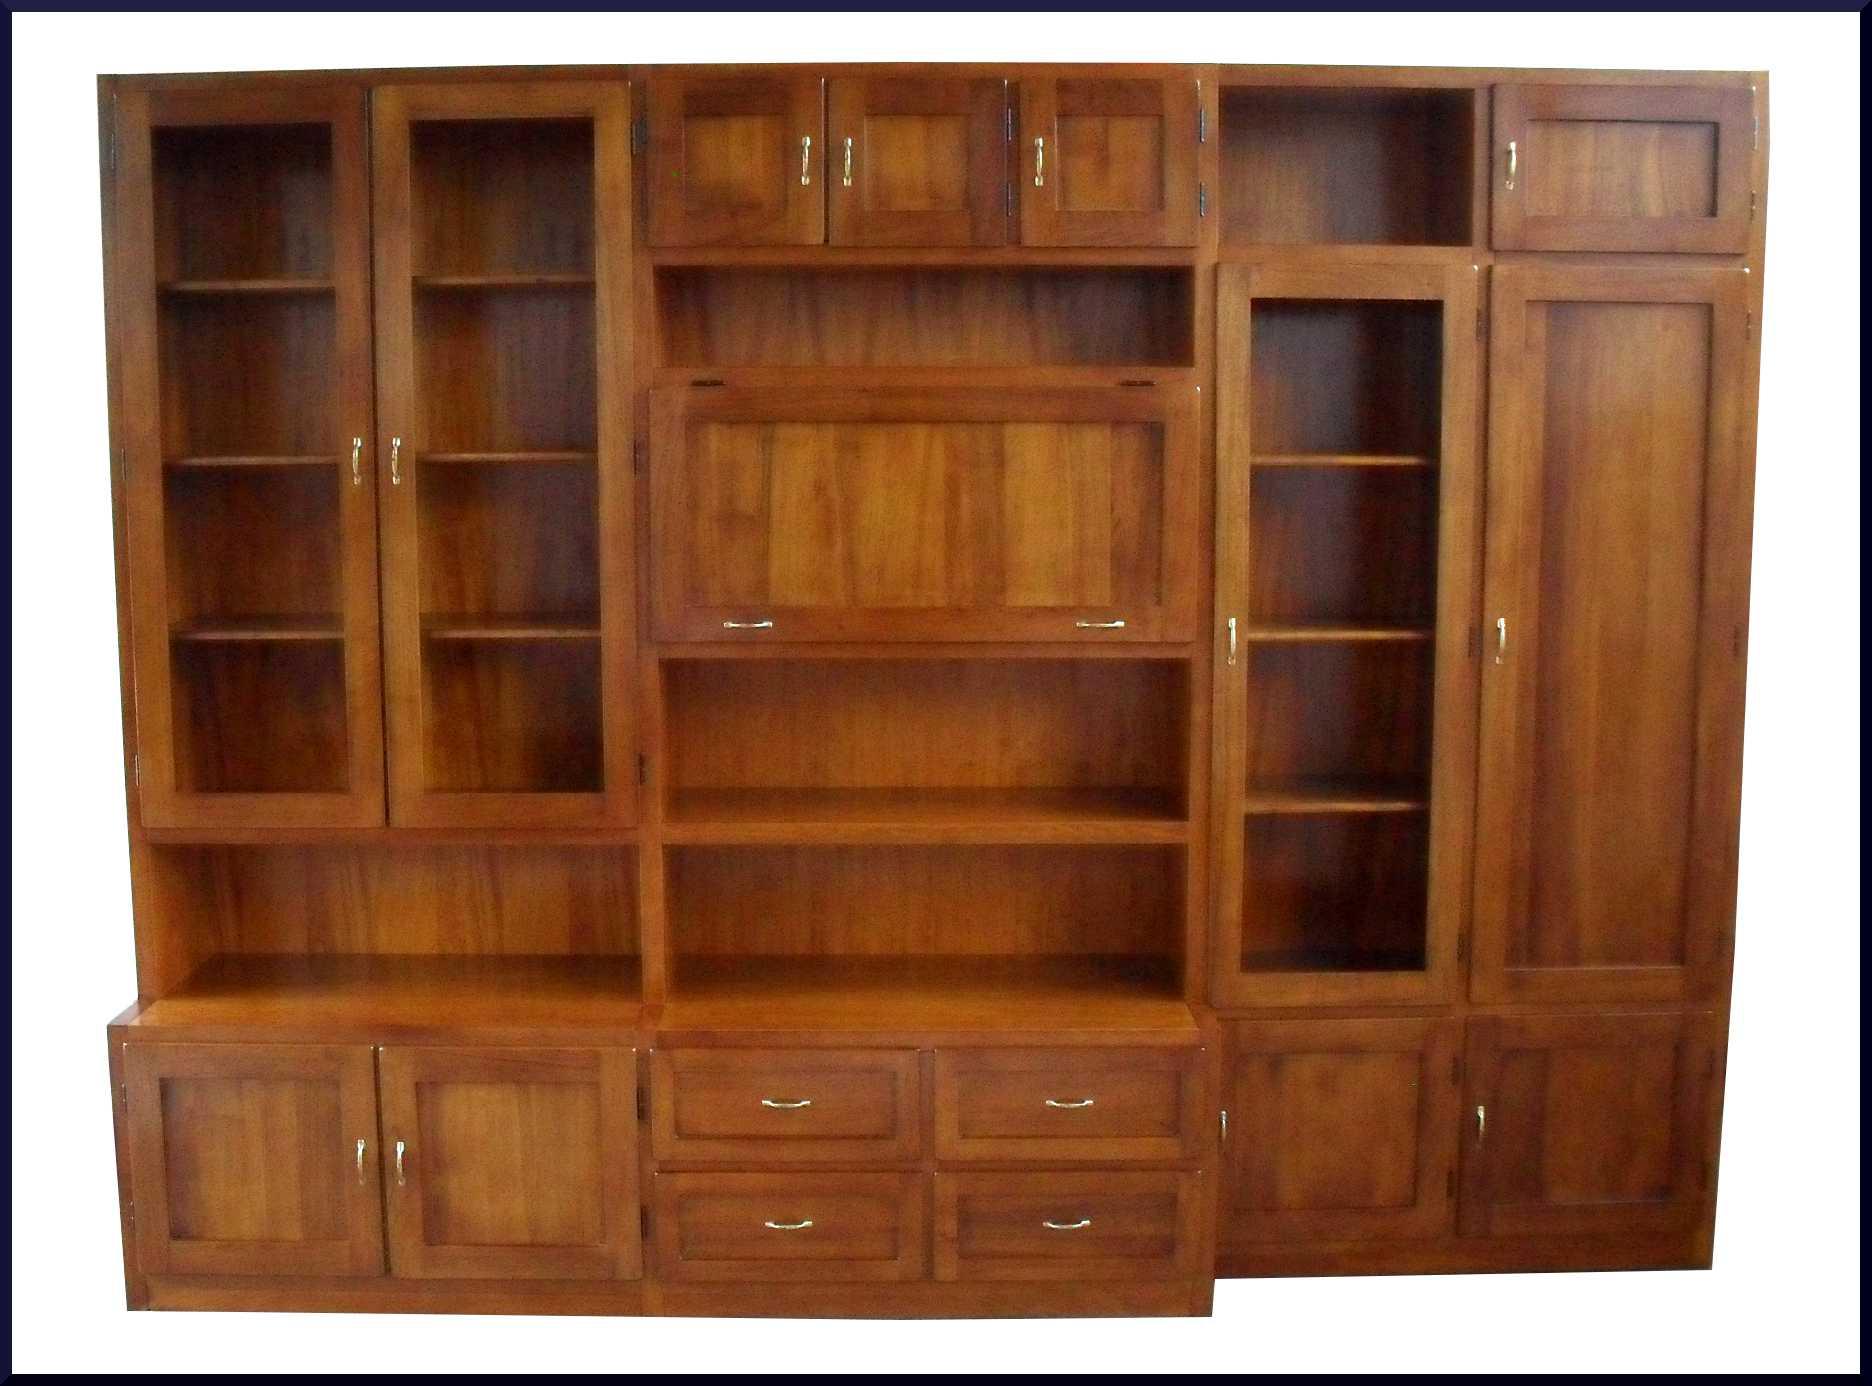 Libreria parete attrezzata classica su misura la commode di davide corno - Catalogo di mobili ...